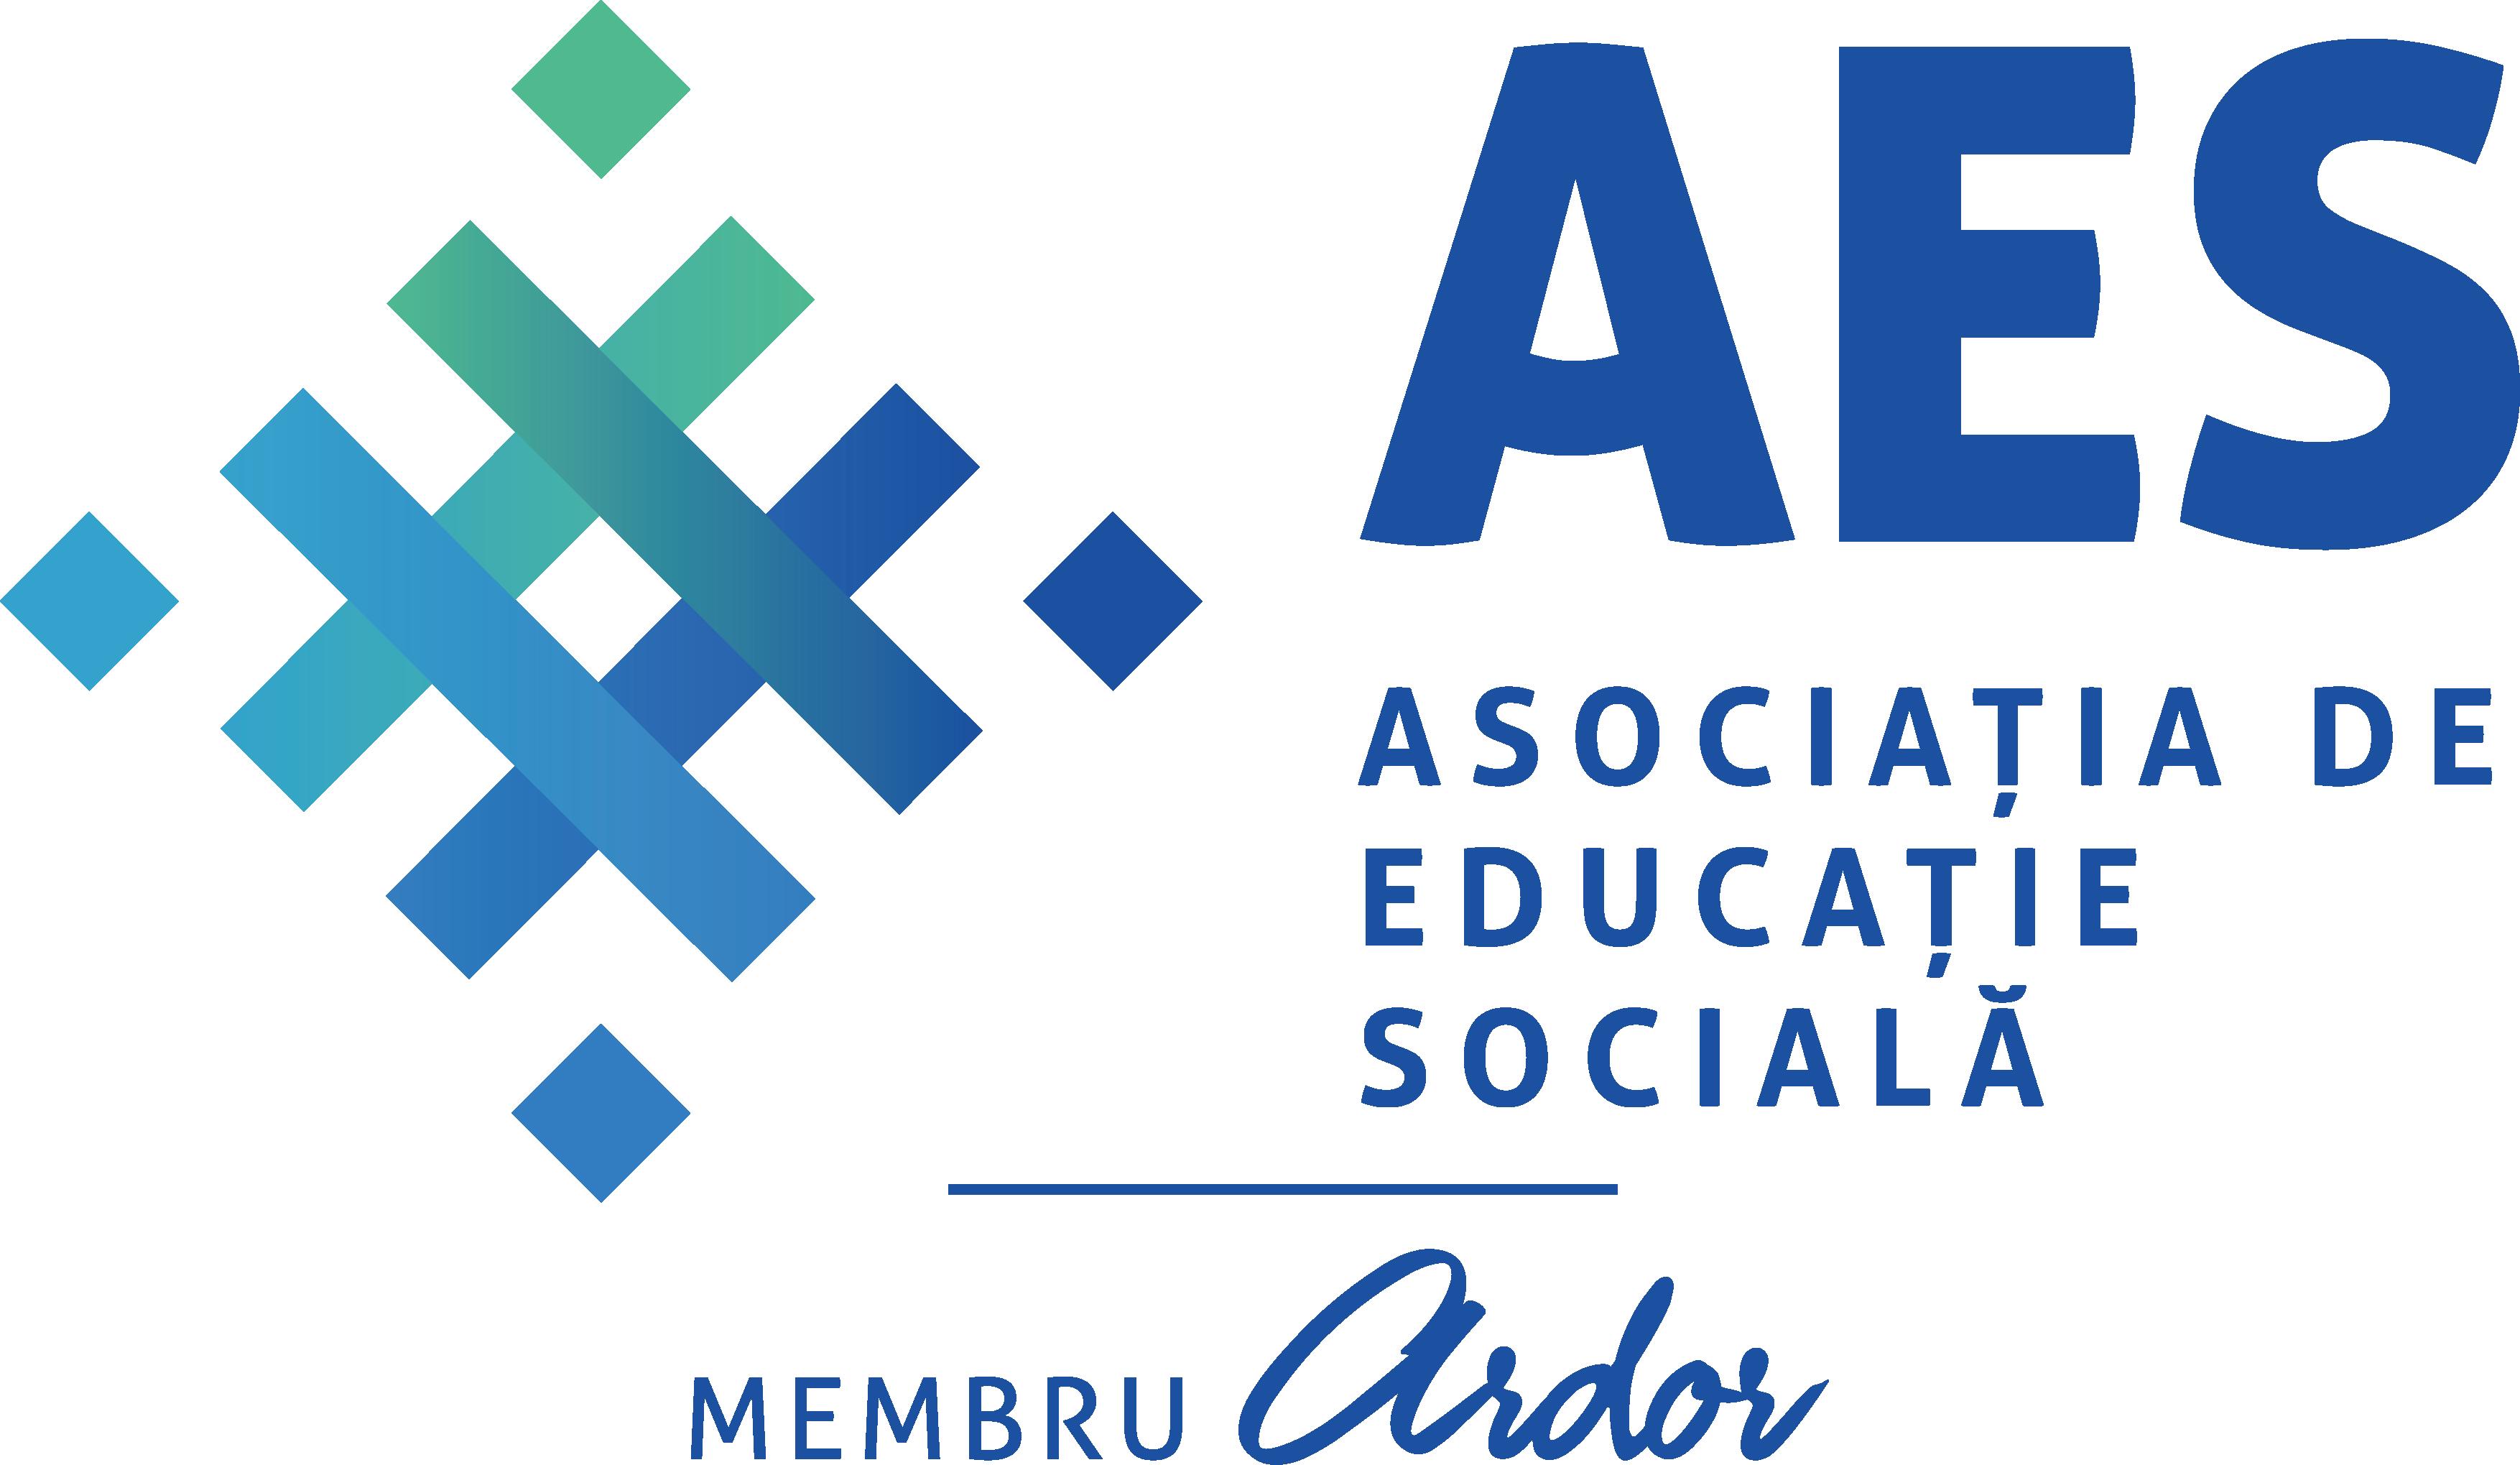 Asociatia de Educatia Sociala ARES logo